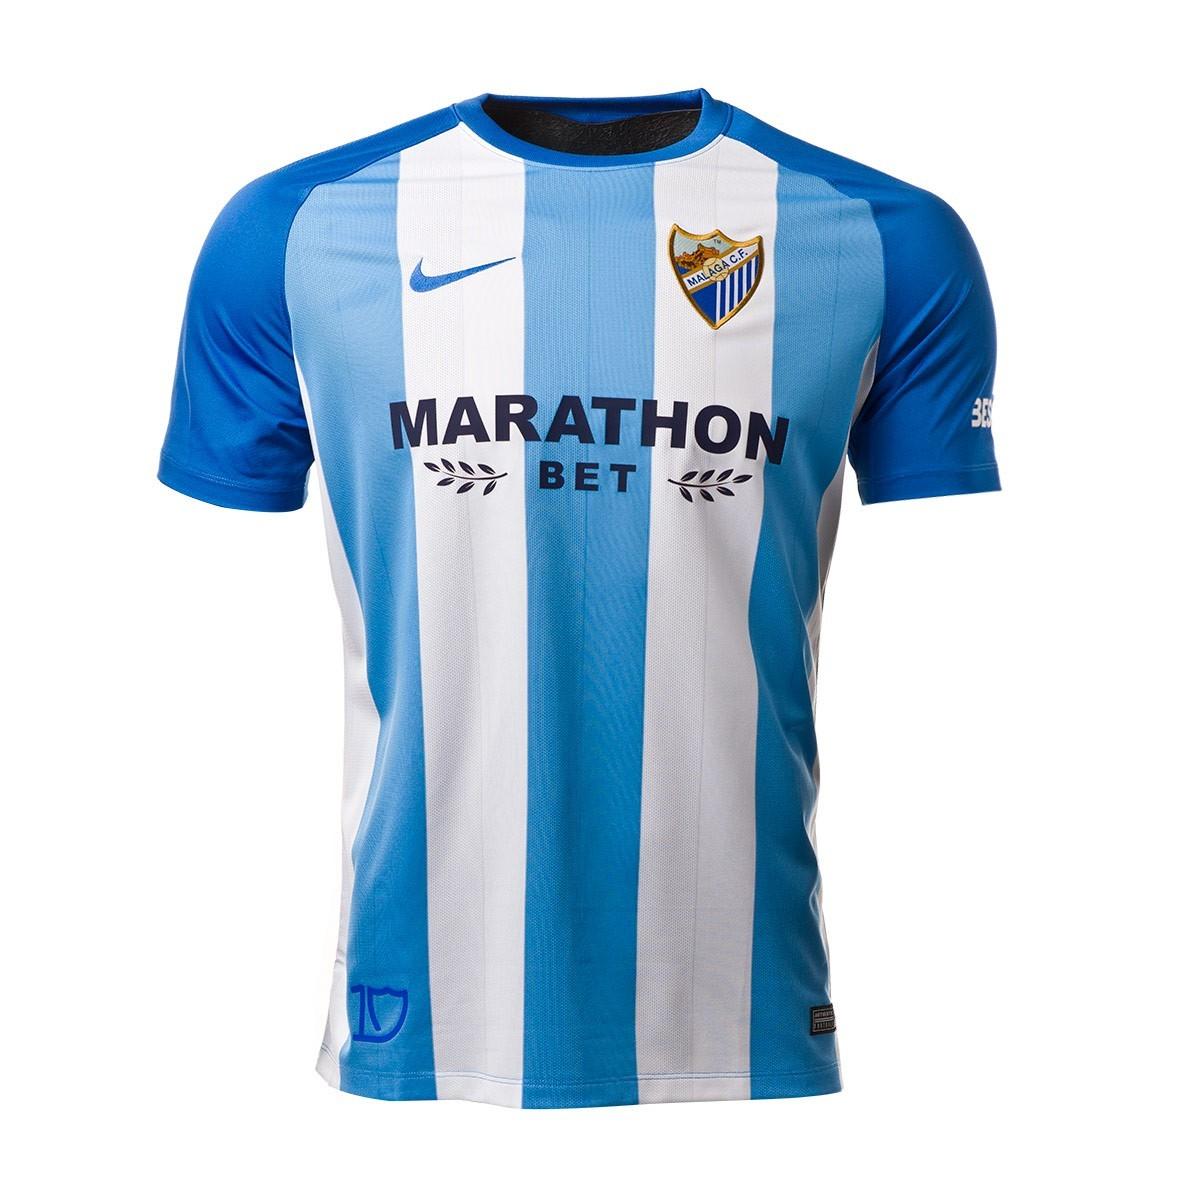 d463886a92 Camiseta Nike Málaga CF Primera Equipación 2017-2018 Niño Blanco-Azul -  Soloporteros es ahora Fútbol Emotion